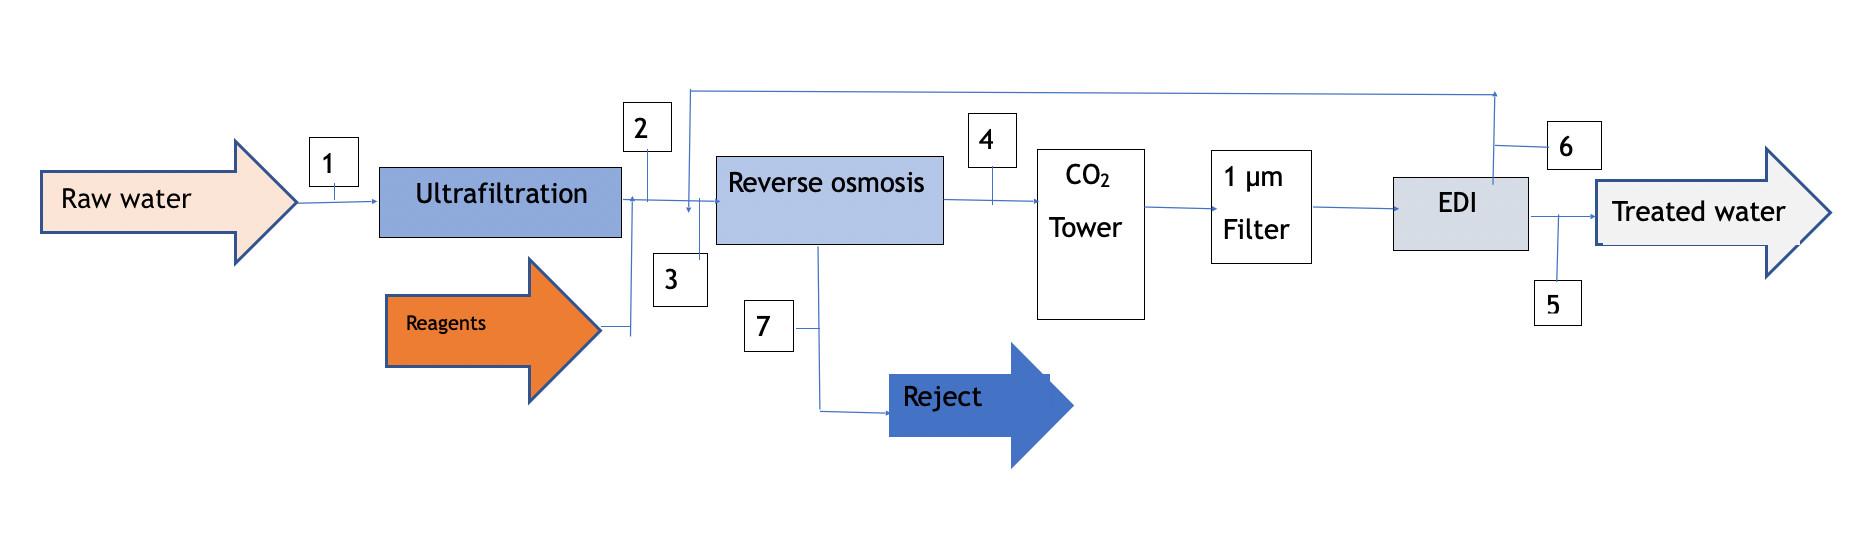 edi-diagram-2-en